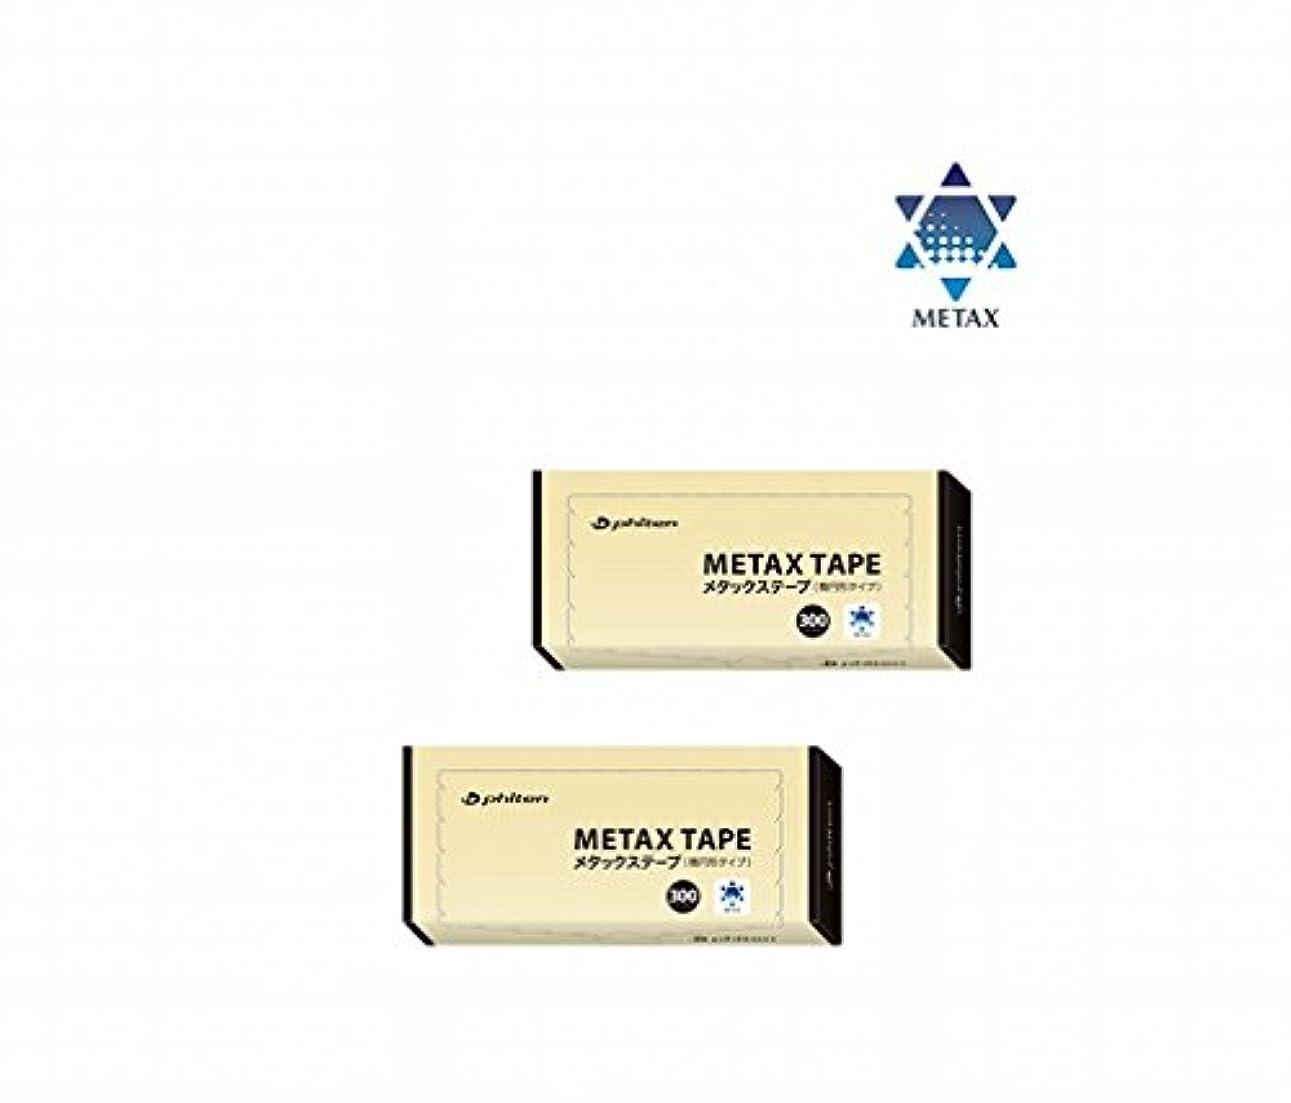 計算する軽減嫌がるファイテン メタックステープ 300マーク入x2個セット